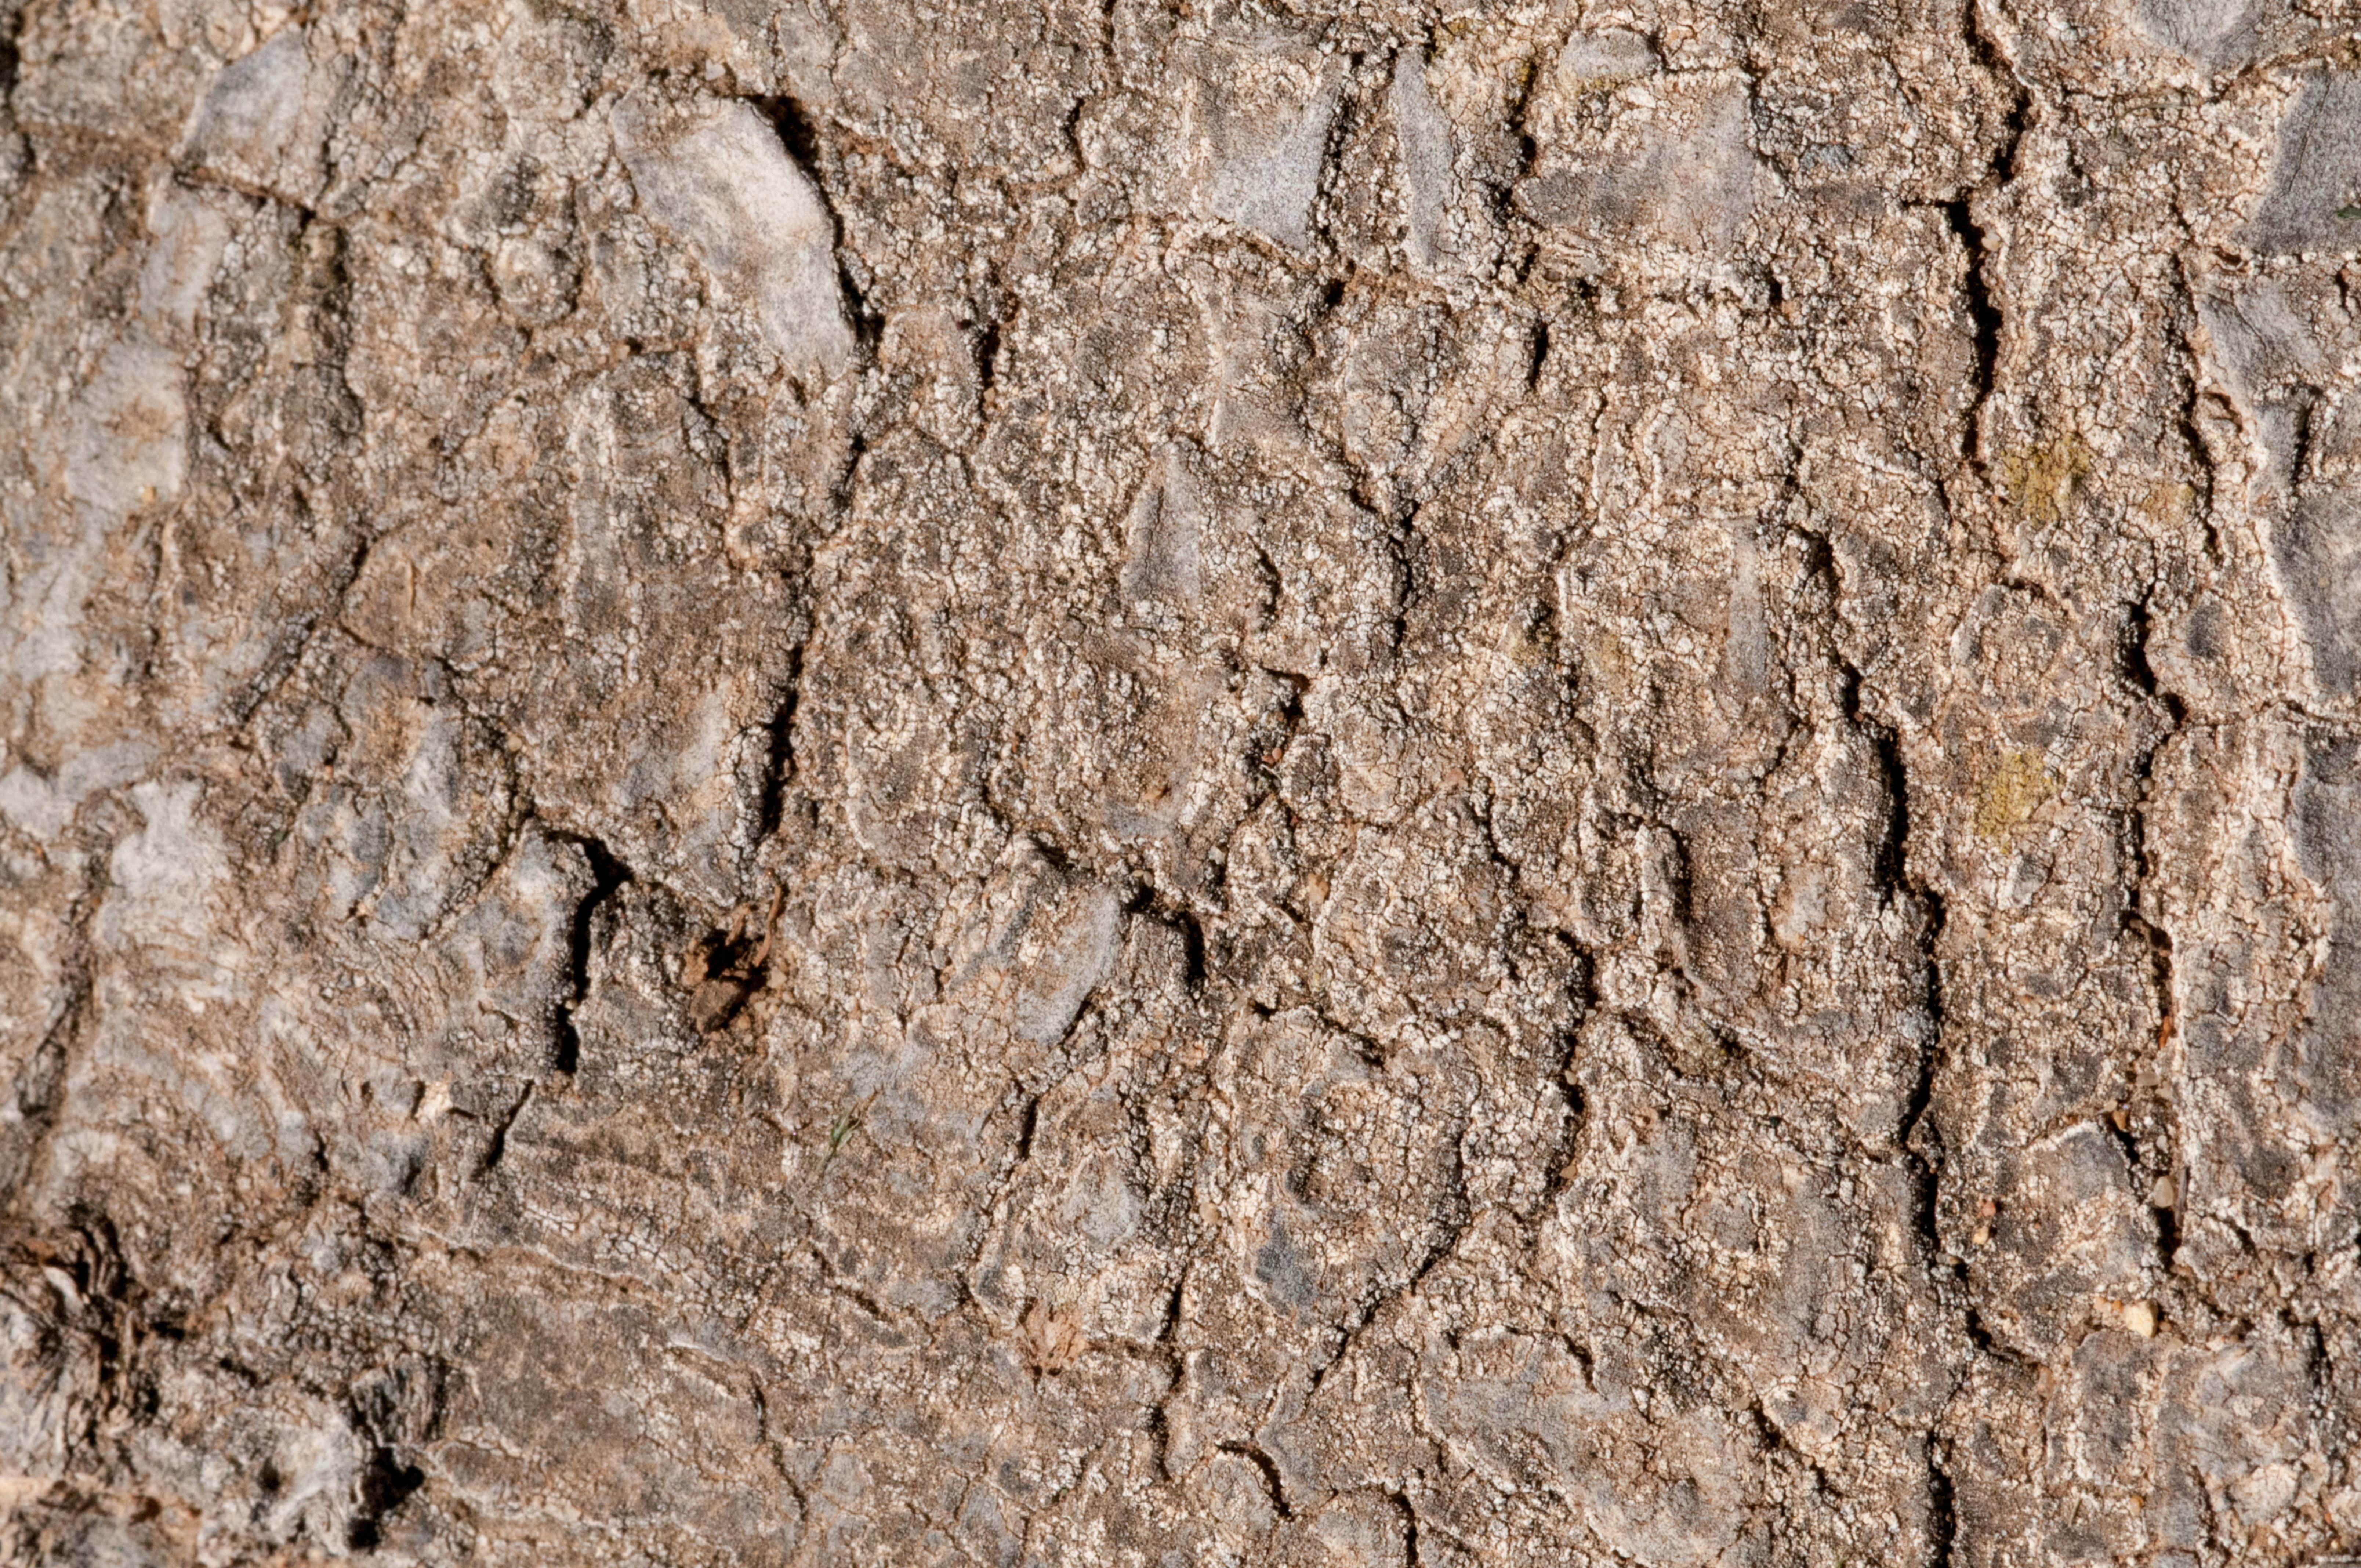 Flat Rocky Surface